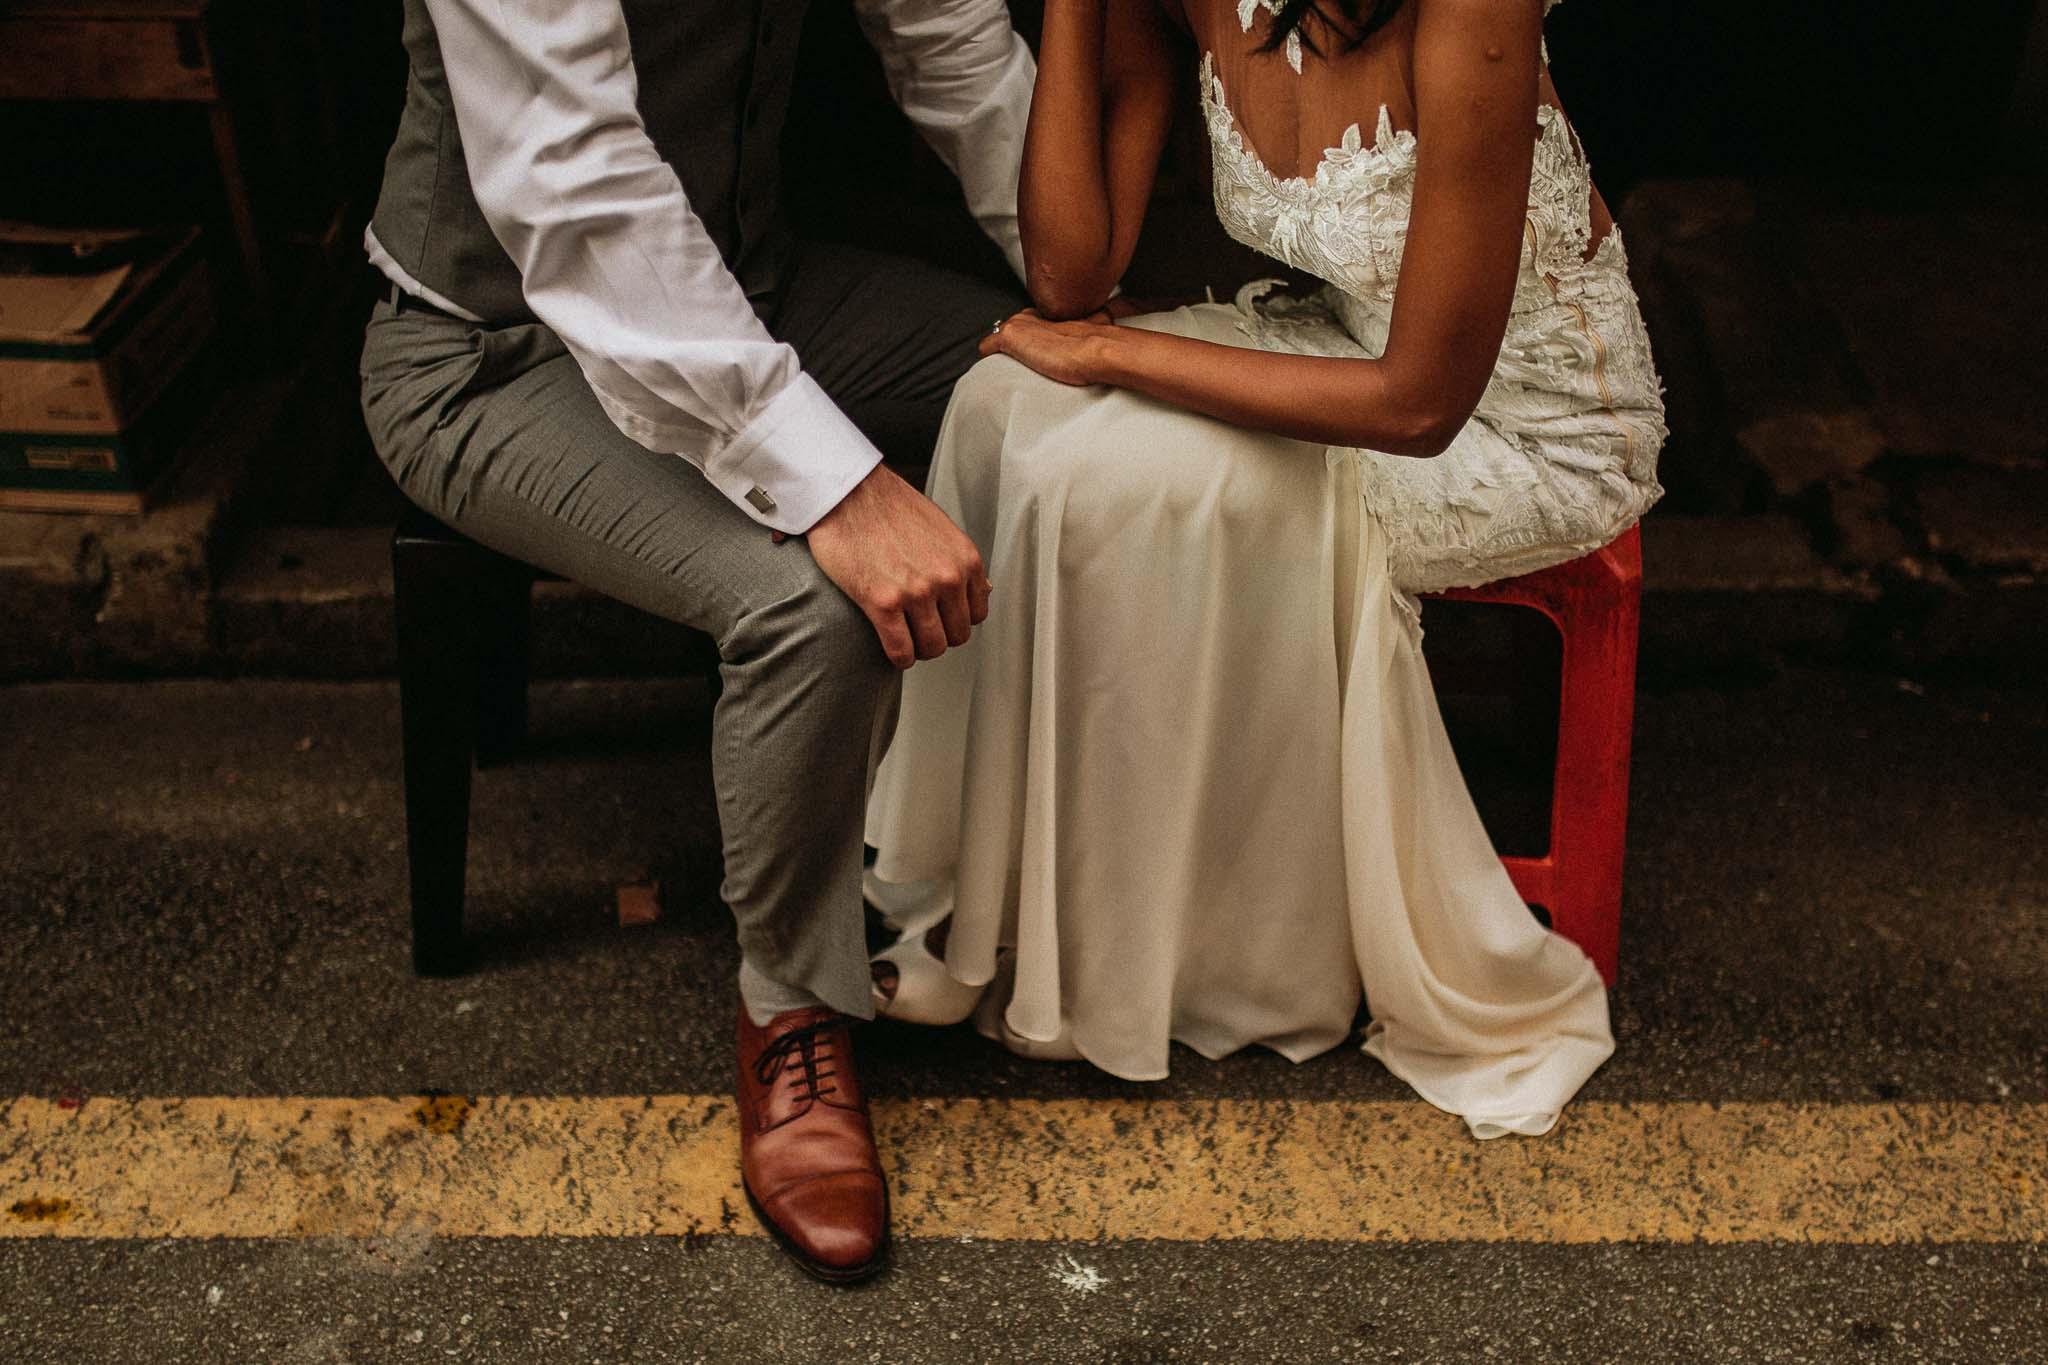 u&m-weddingsbyqay-lovesession-destinationweddingphotographer (94 of 160).jpg